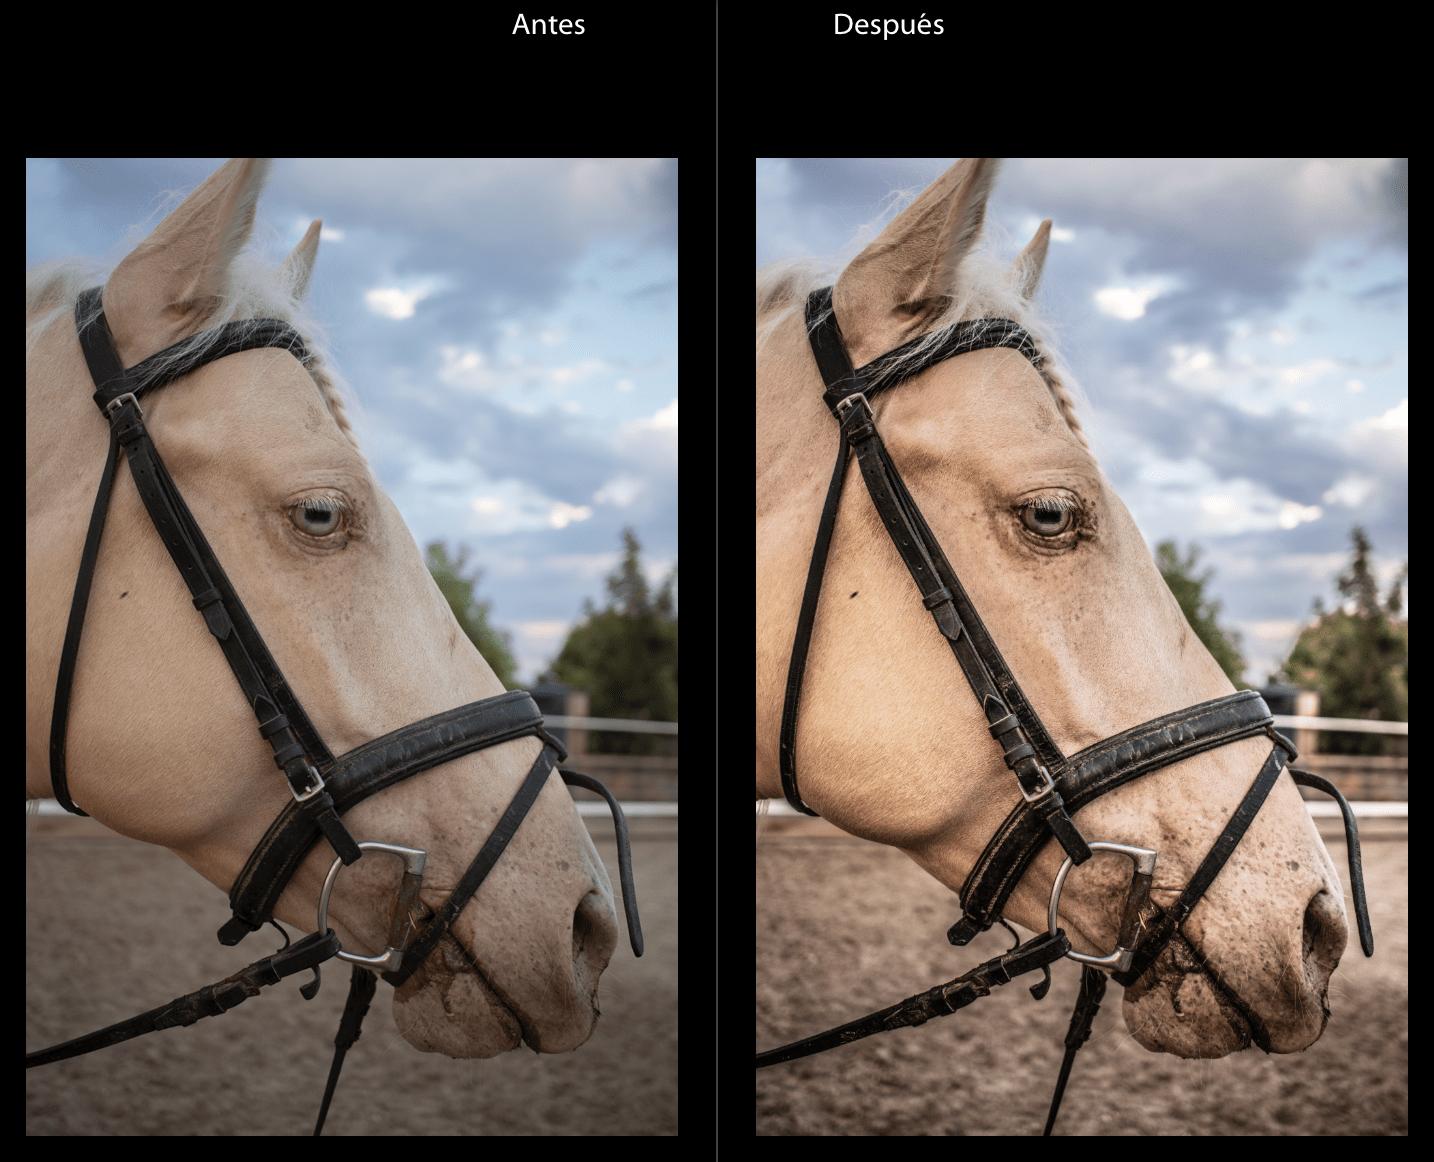 Comparativa de imagen antes y después de aplicar preset en Lightroom